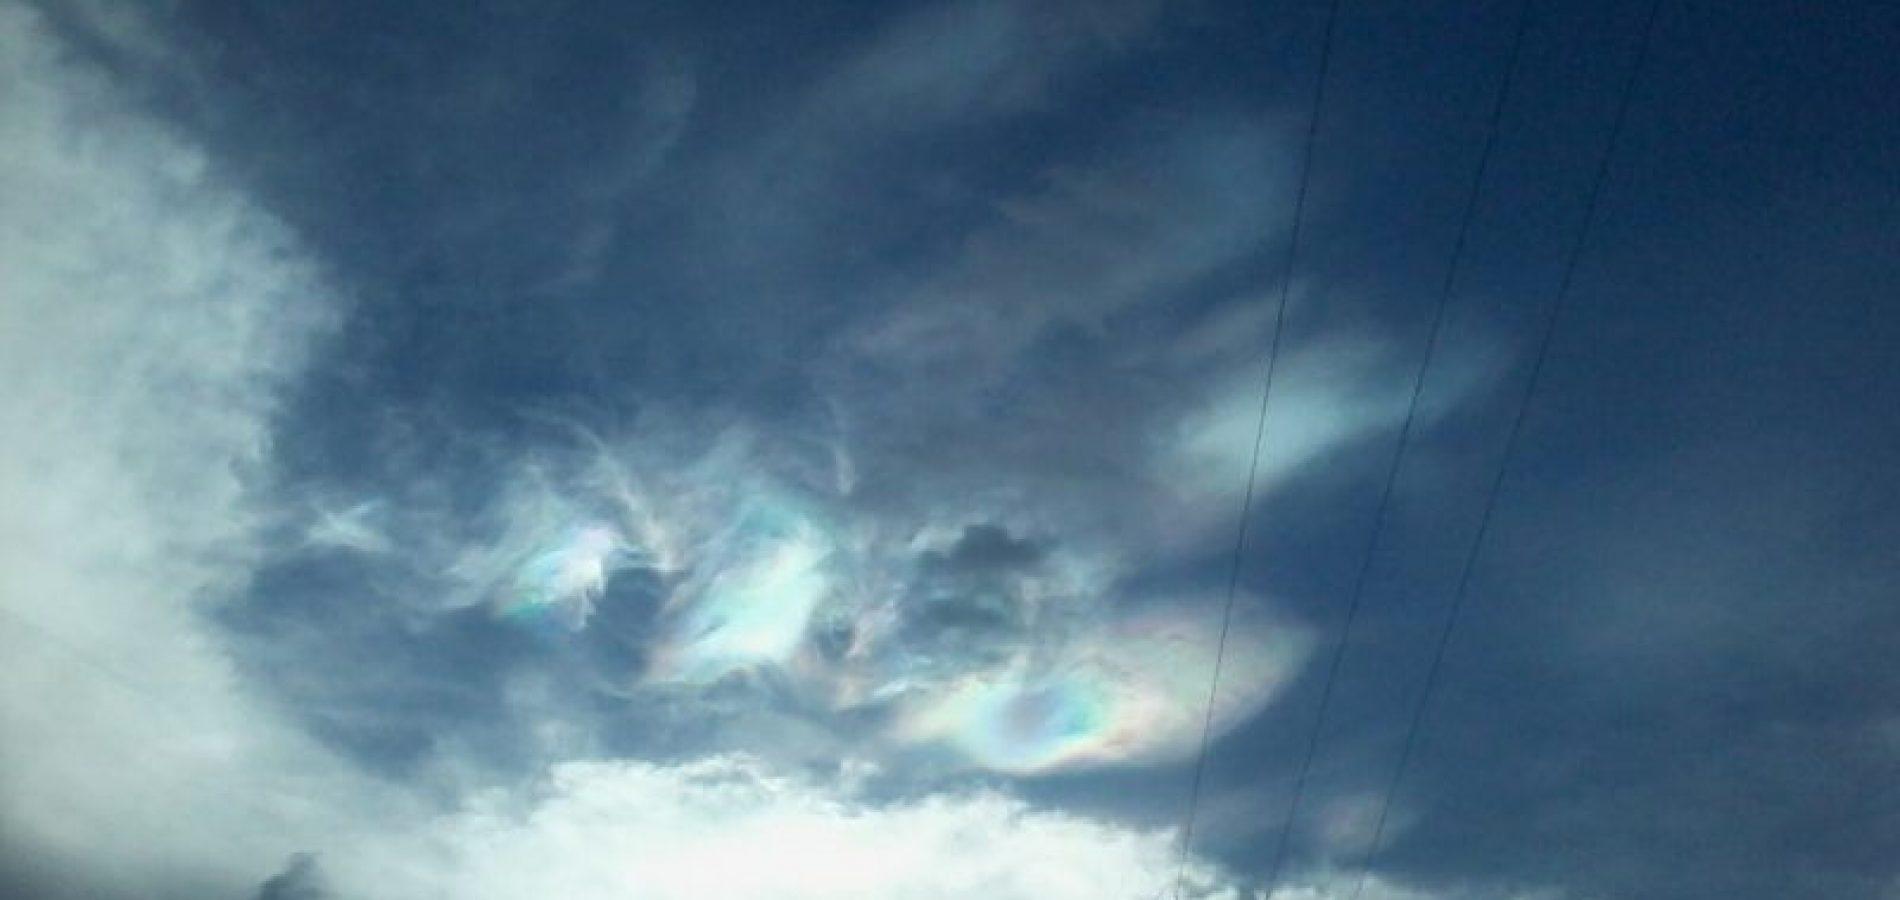 Fenômeno no céu de cidade do interior do Piauí intriga população; veja fotos!